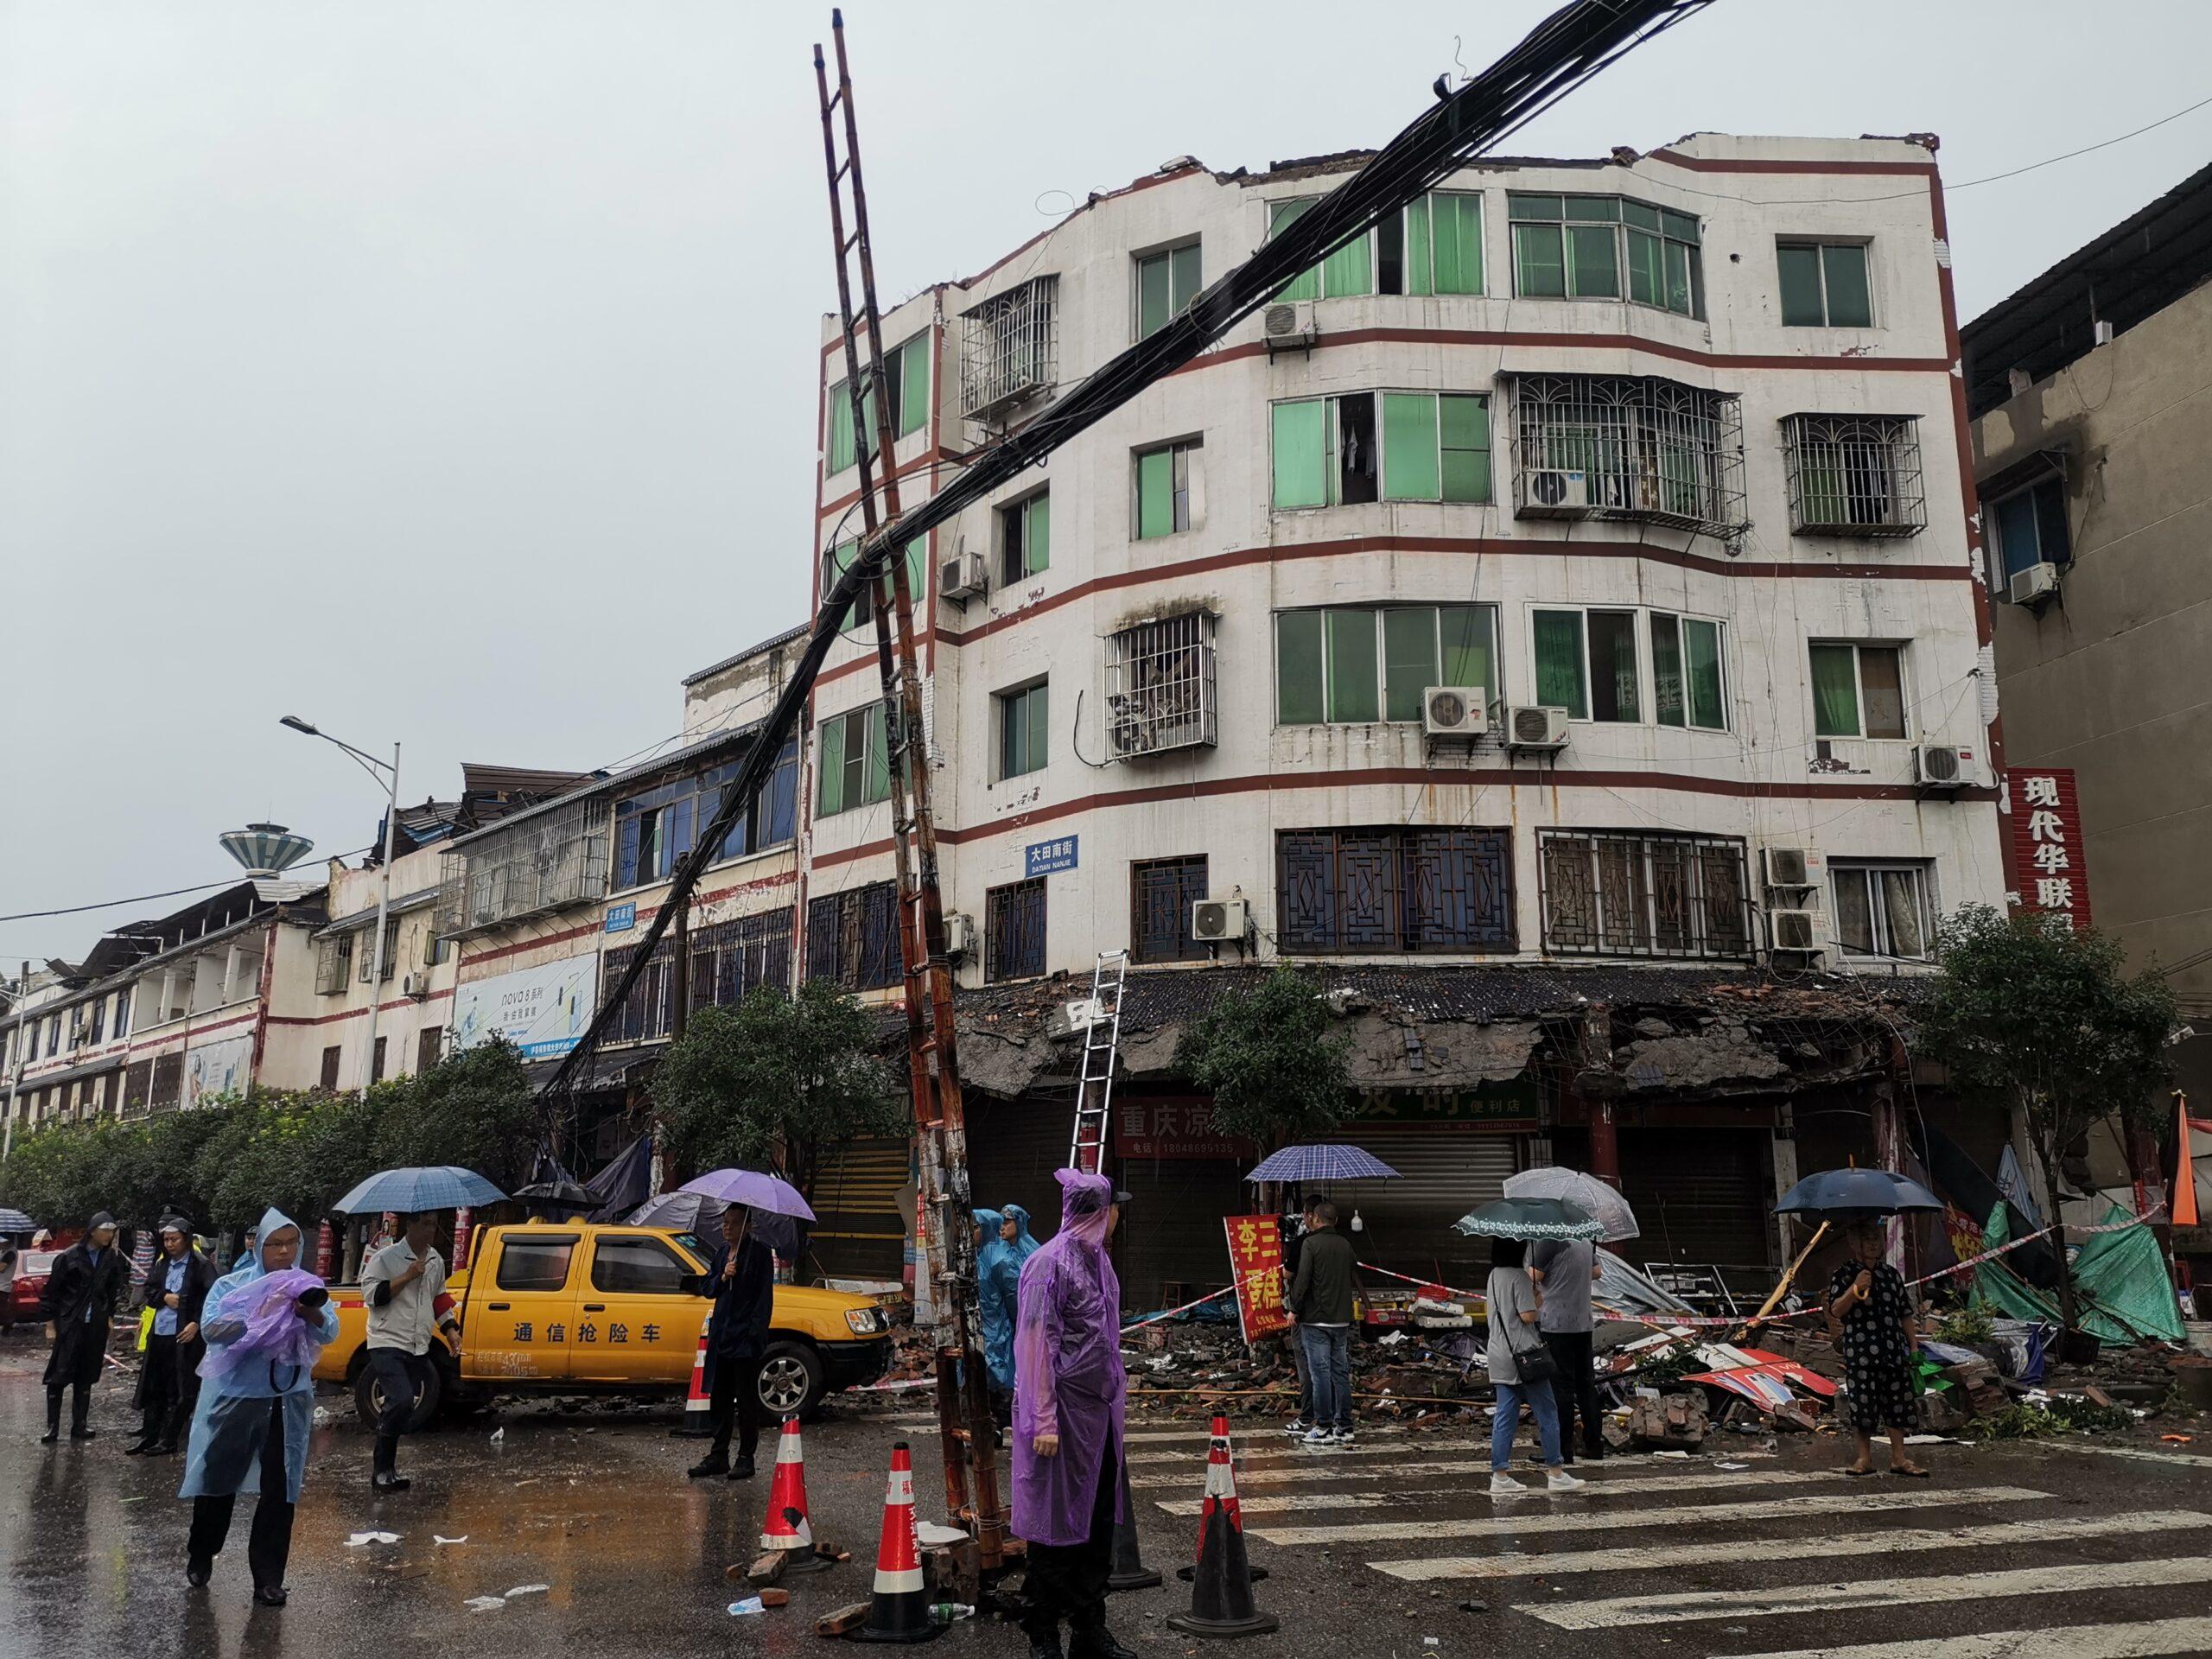 แผ่นดินไหวรุนแรง 6.0 เขย่า 'เสฉวน' ดับ 2 เจ็บ 3